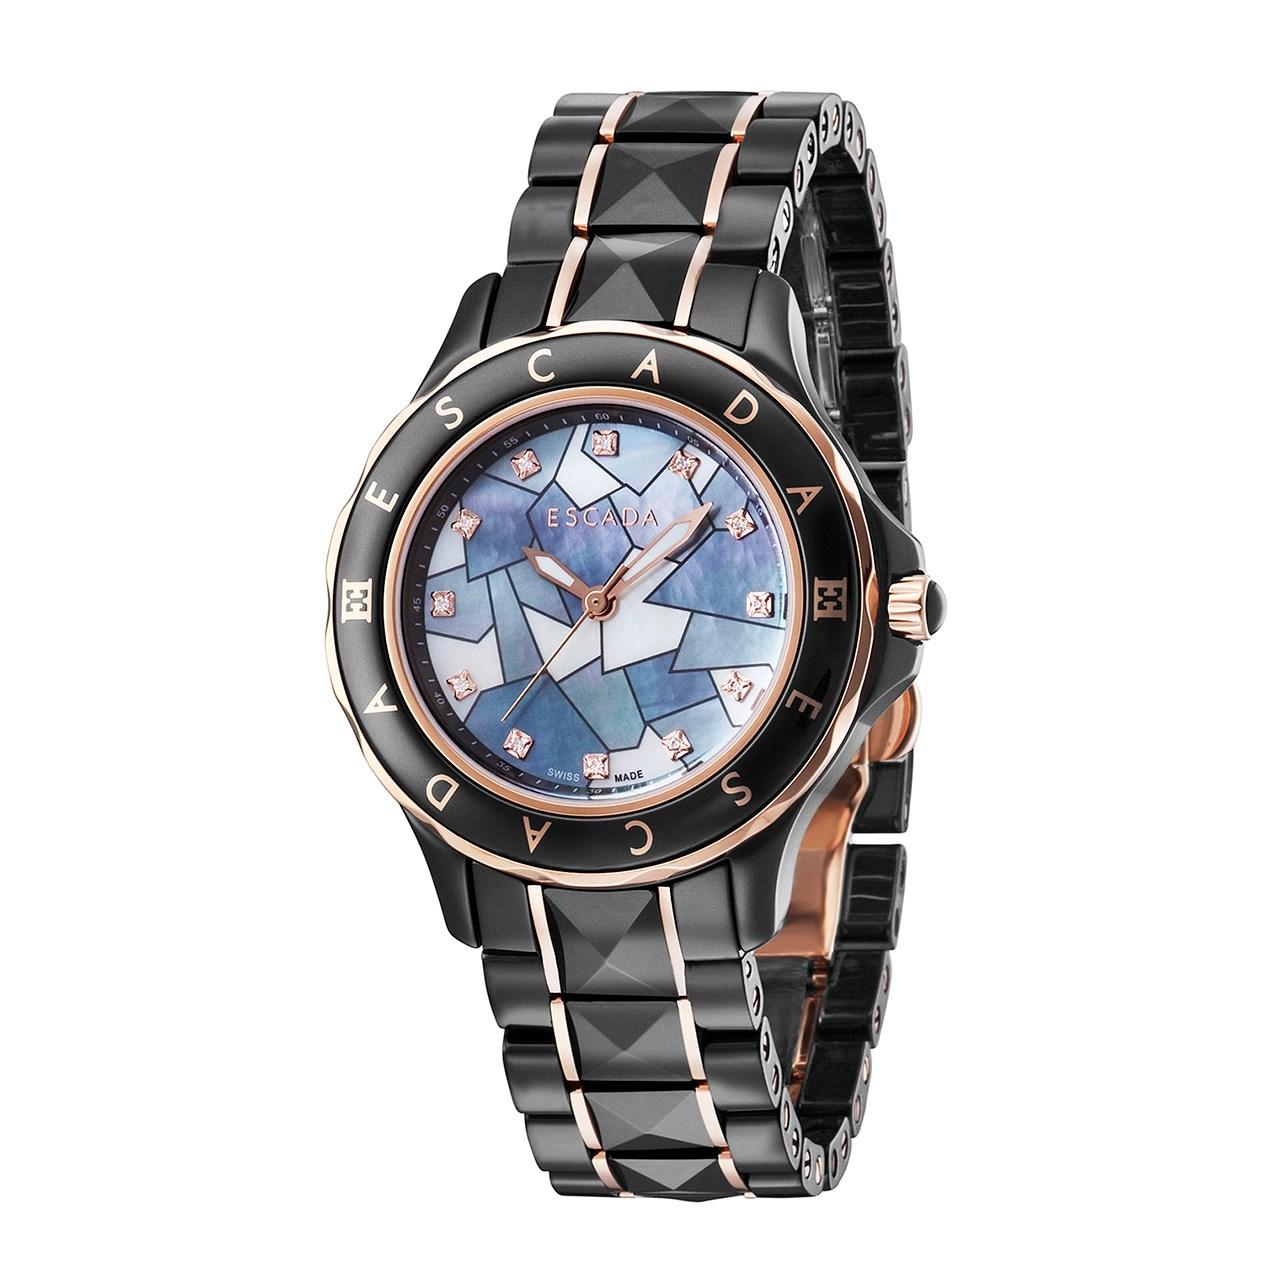 خرید ساعت مچی عقربه ای زنانه اسکادا مدل EW4165083